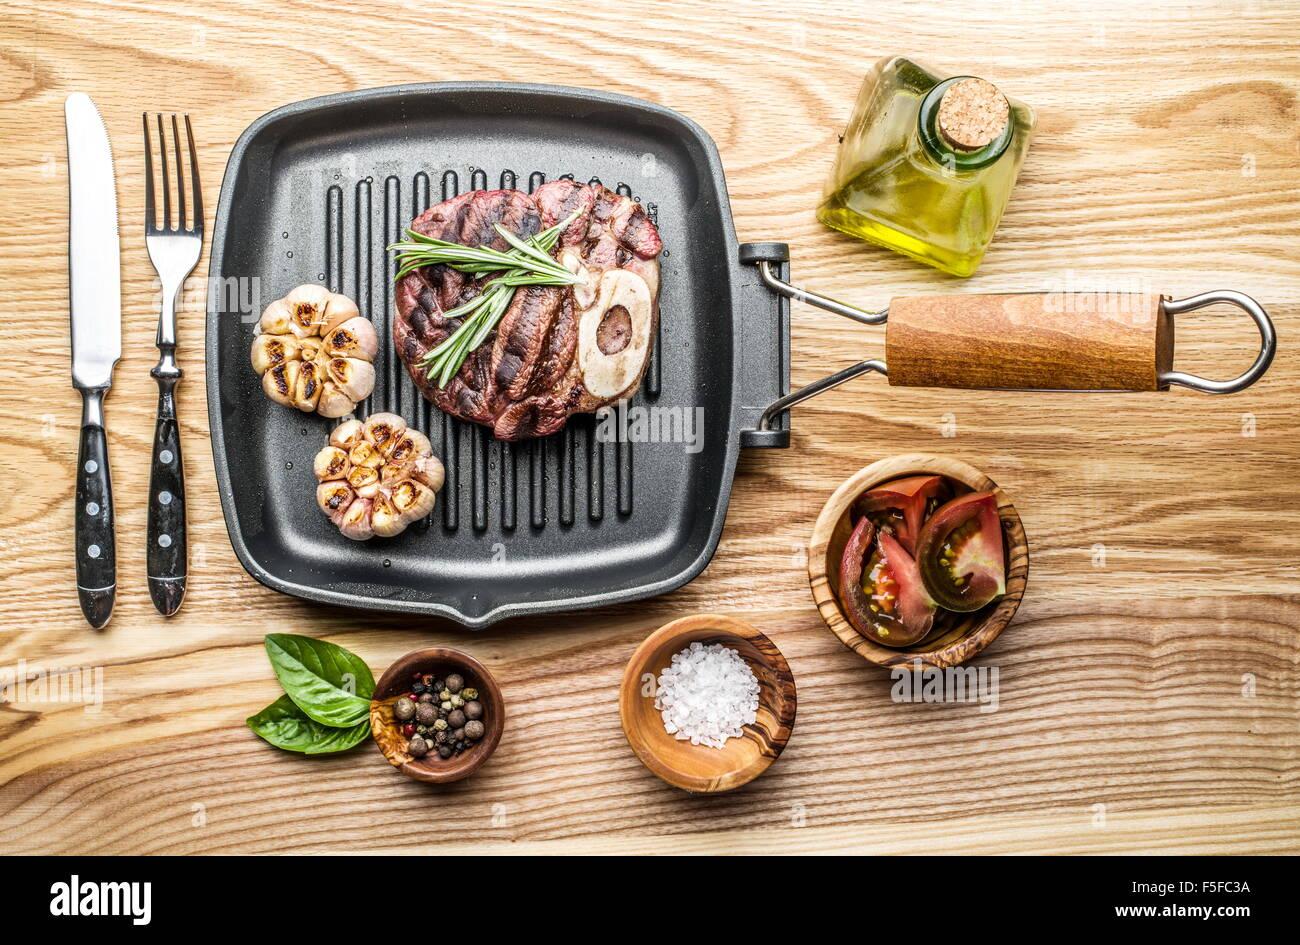 Pavé de boeuf aux épices sur le moule sur une table en bois. Photo Stock